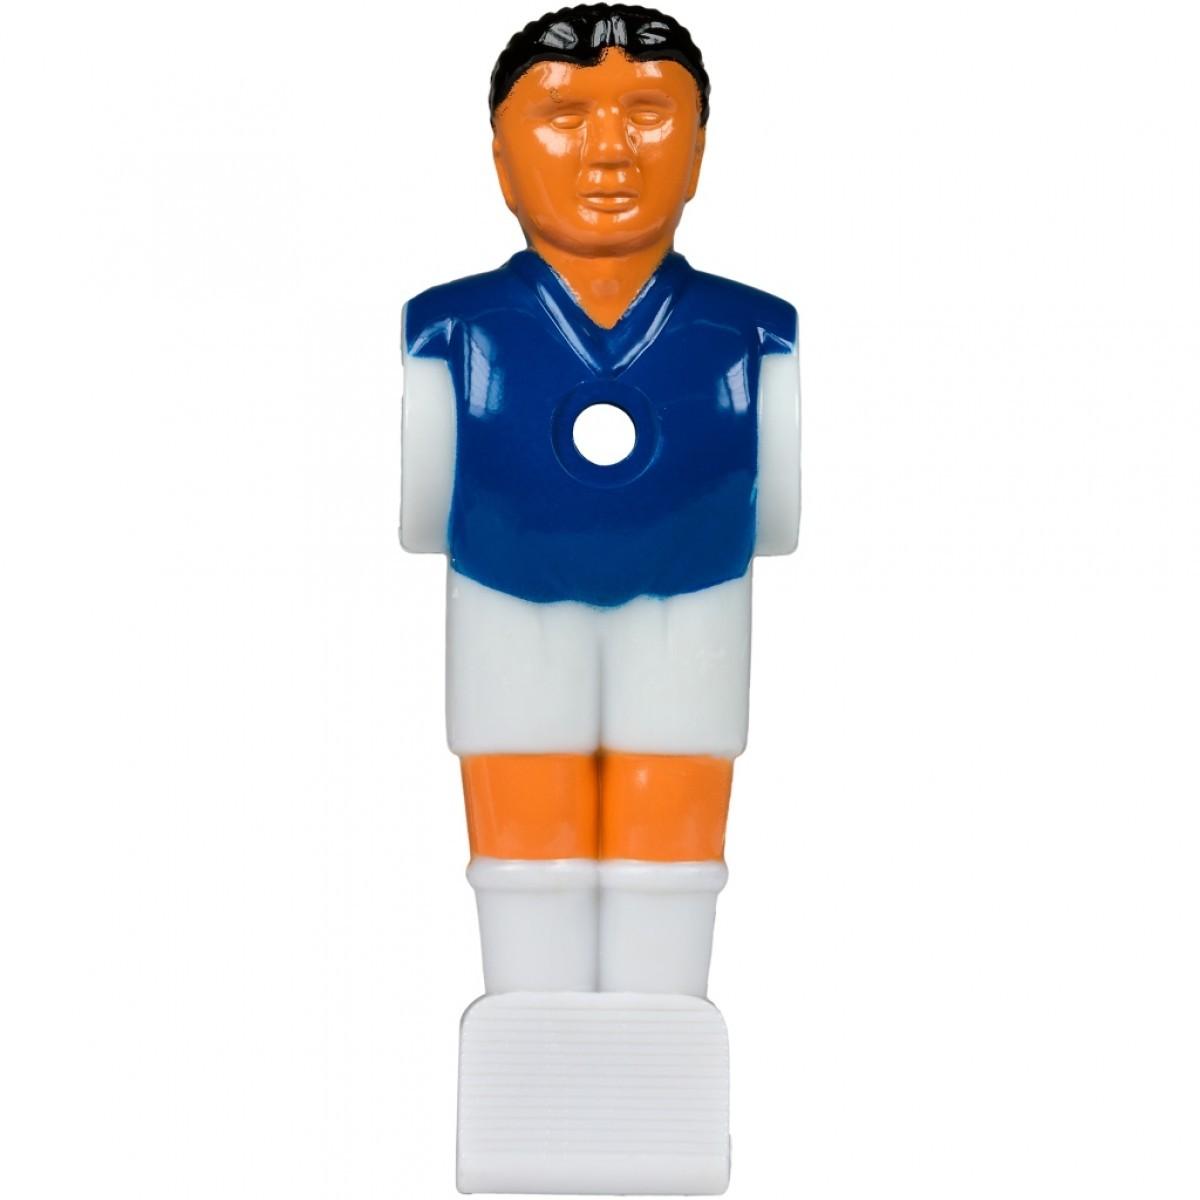 Náhradní hráč pro stolní fotbal fotbálek (na 15,9 mm tyč) modrý 1 ks